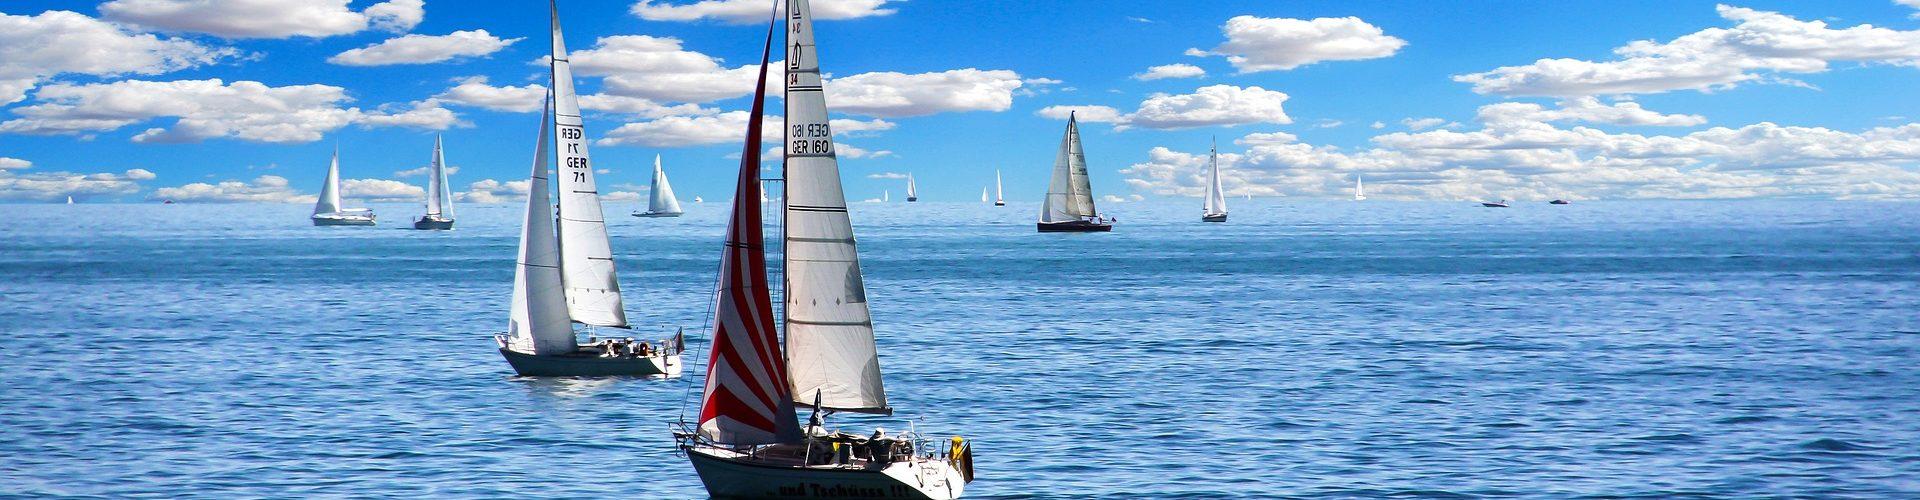 segeln lernen in Bernau segelschein machen in Bernau 1920x500 - Segeln lernen in Bernau